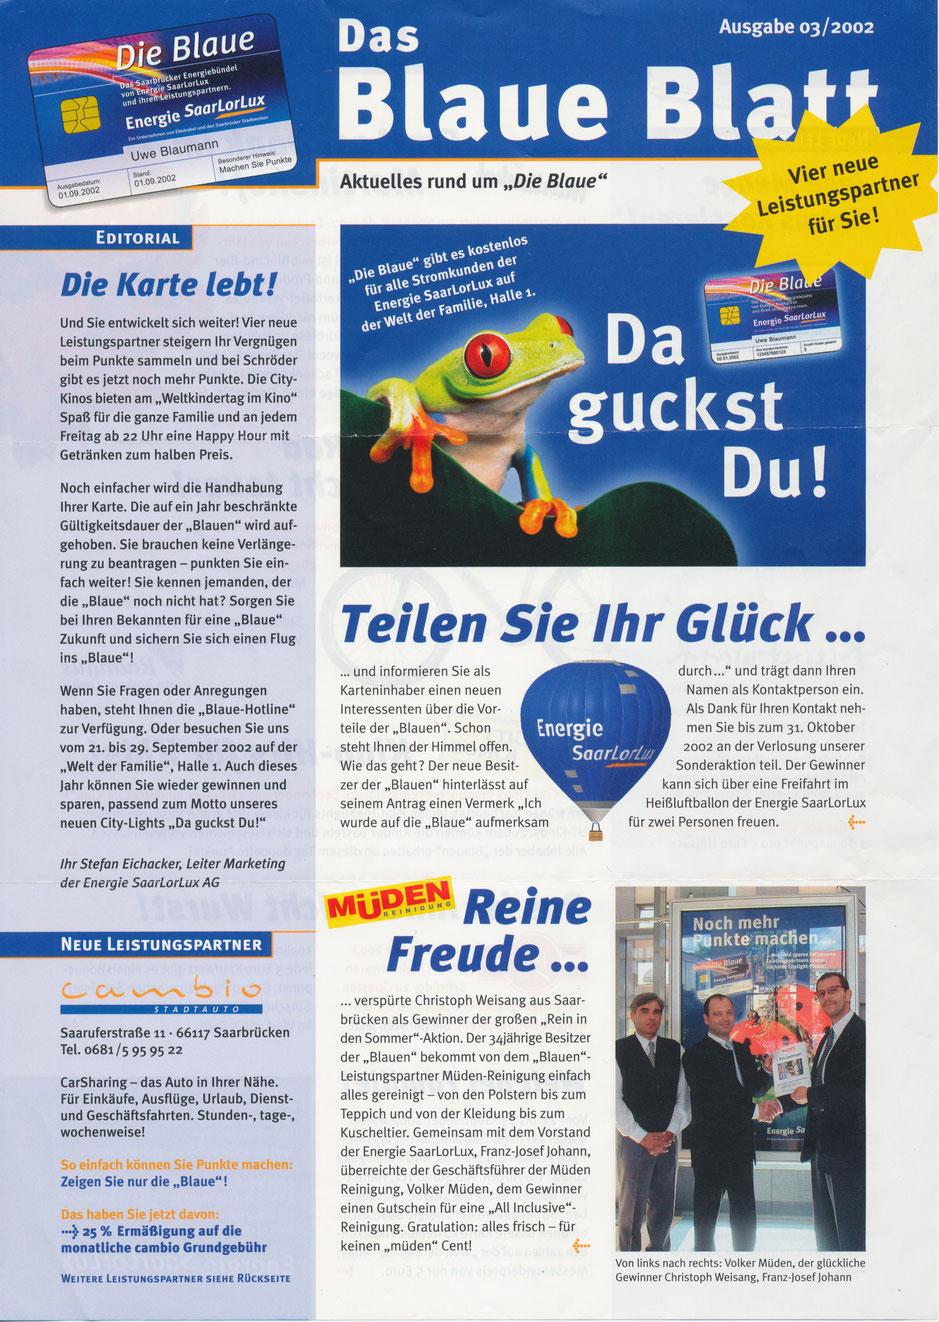 BLOG 03.2002, Das Blaue Blatt, Gewinnübergabe Volker Müder und Christoph Weisang